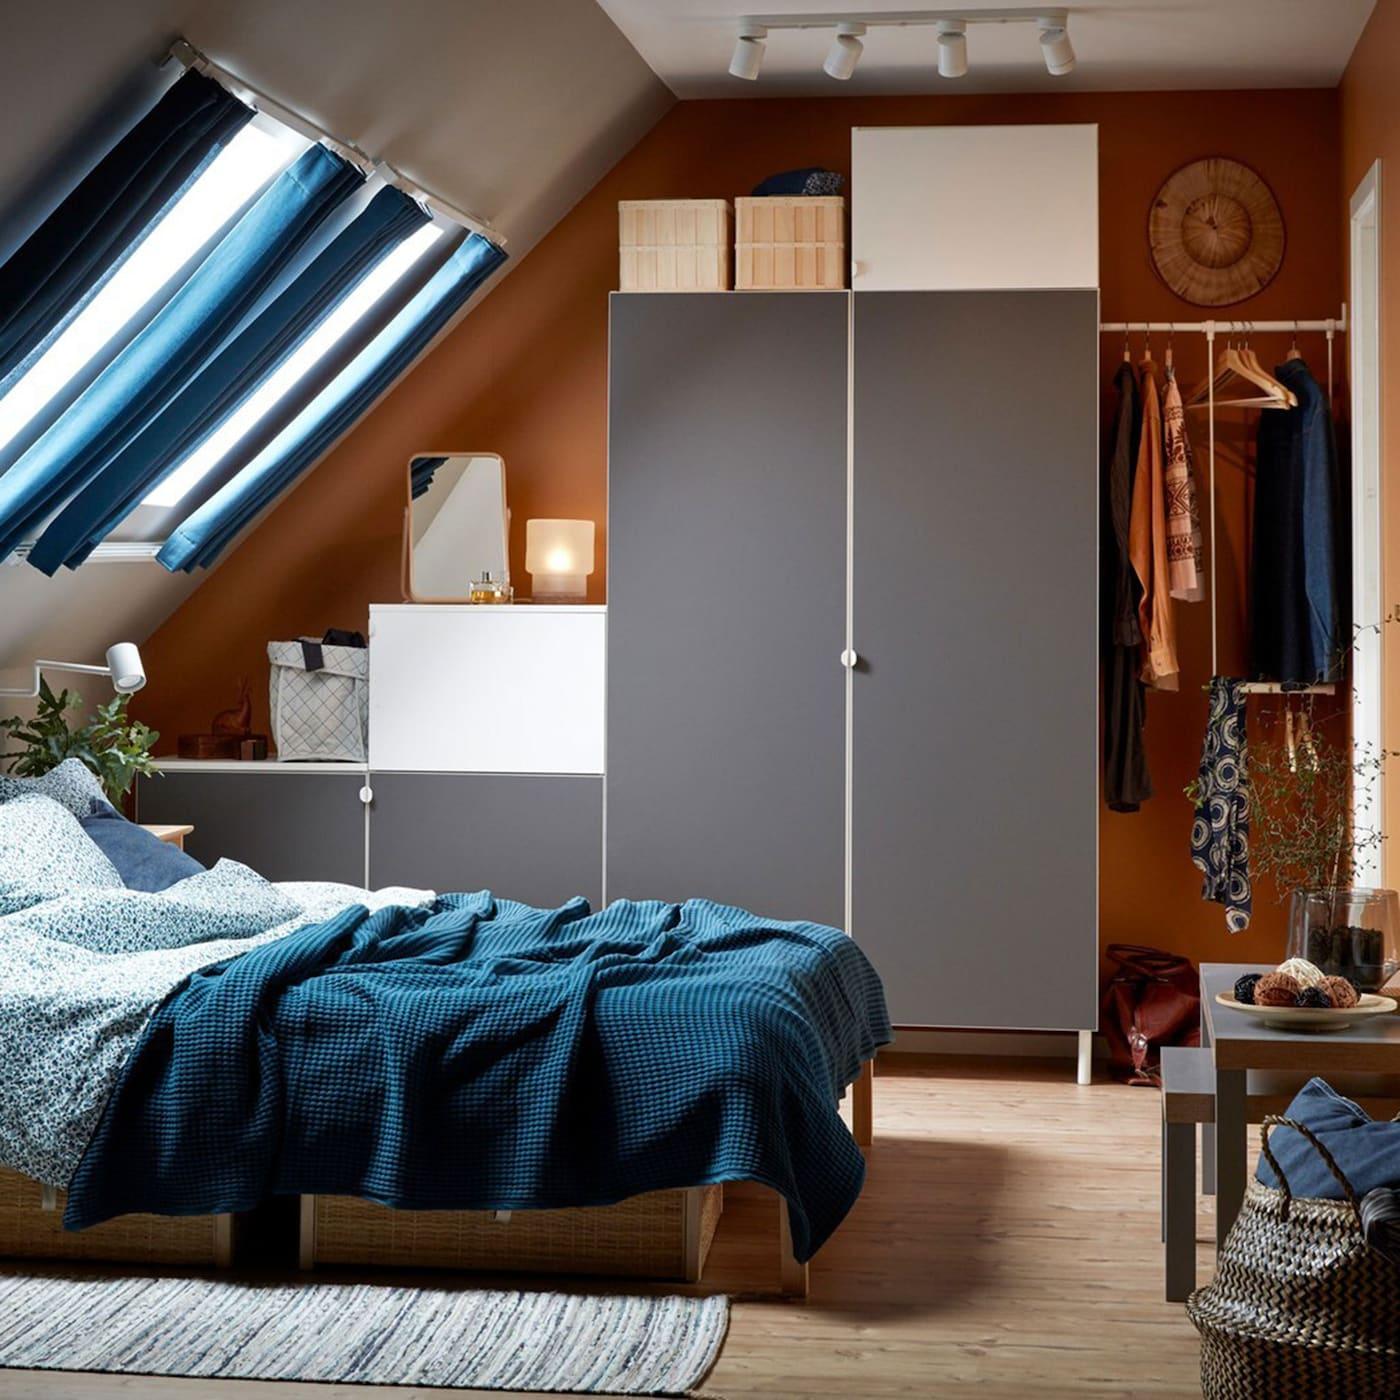 Weisses Schlafzimmer in Blau, Beige, Grau und Weiss mit Dachschräge und TARVA Bettgestell in Kiefer und PLATSA Kleiderschrank in Weiss mit FONNES und SKATVAL Fronten in Hellgrau